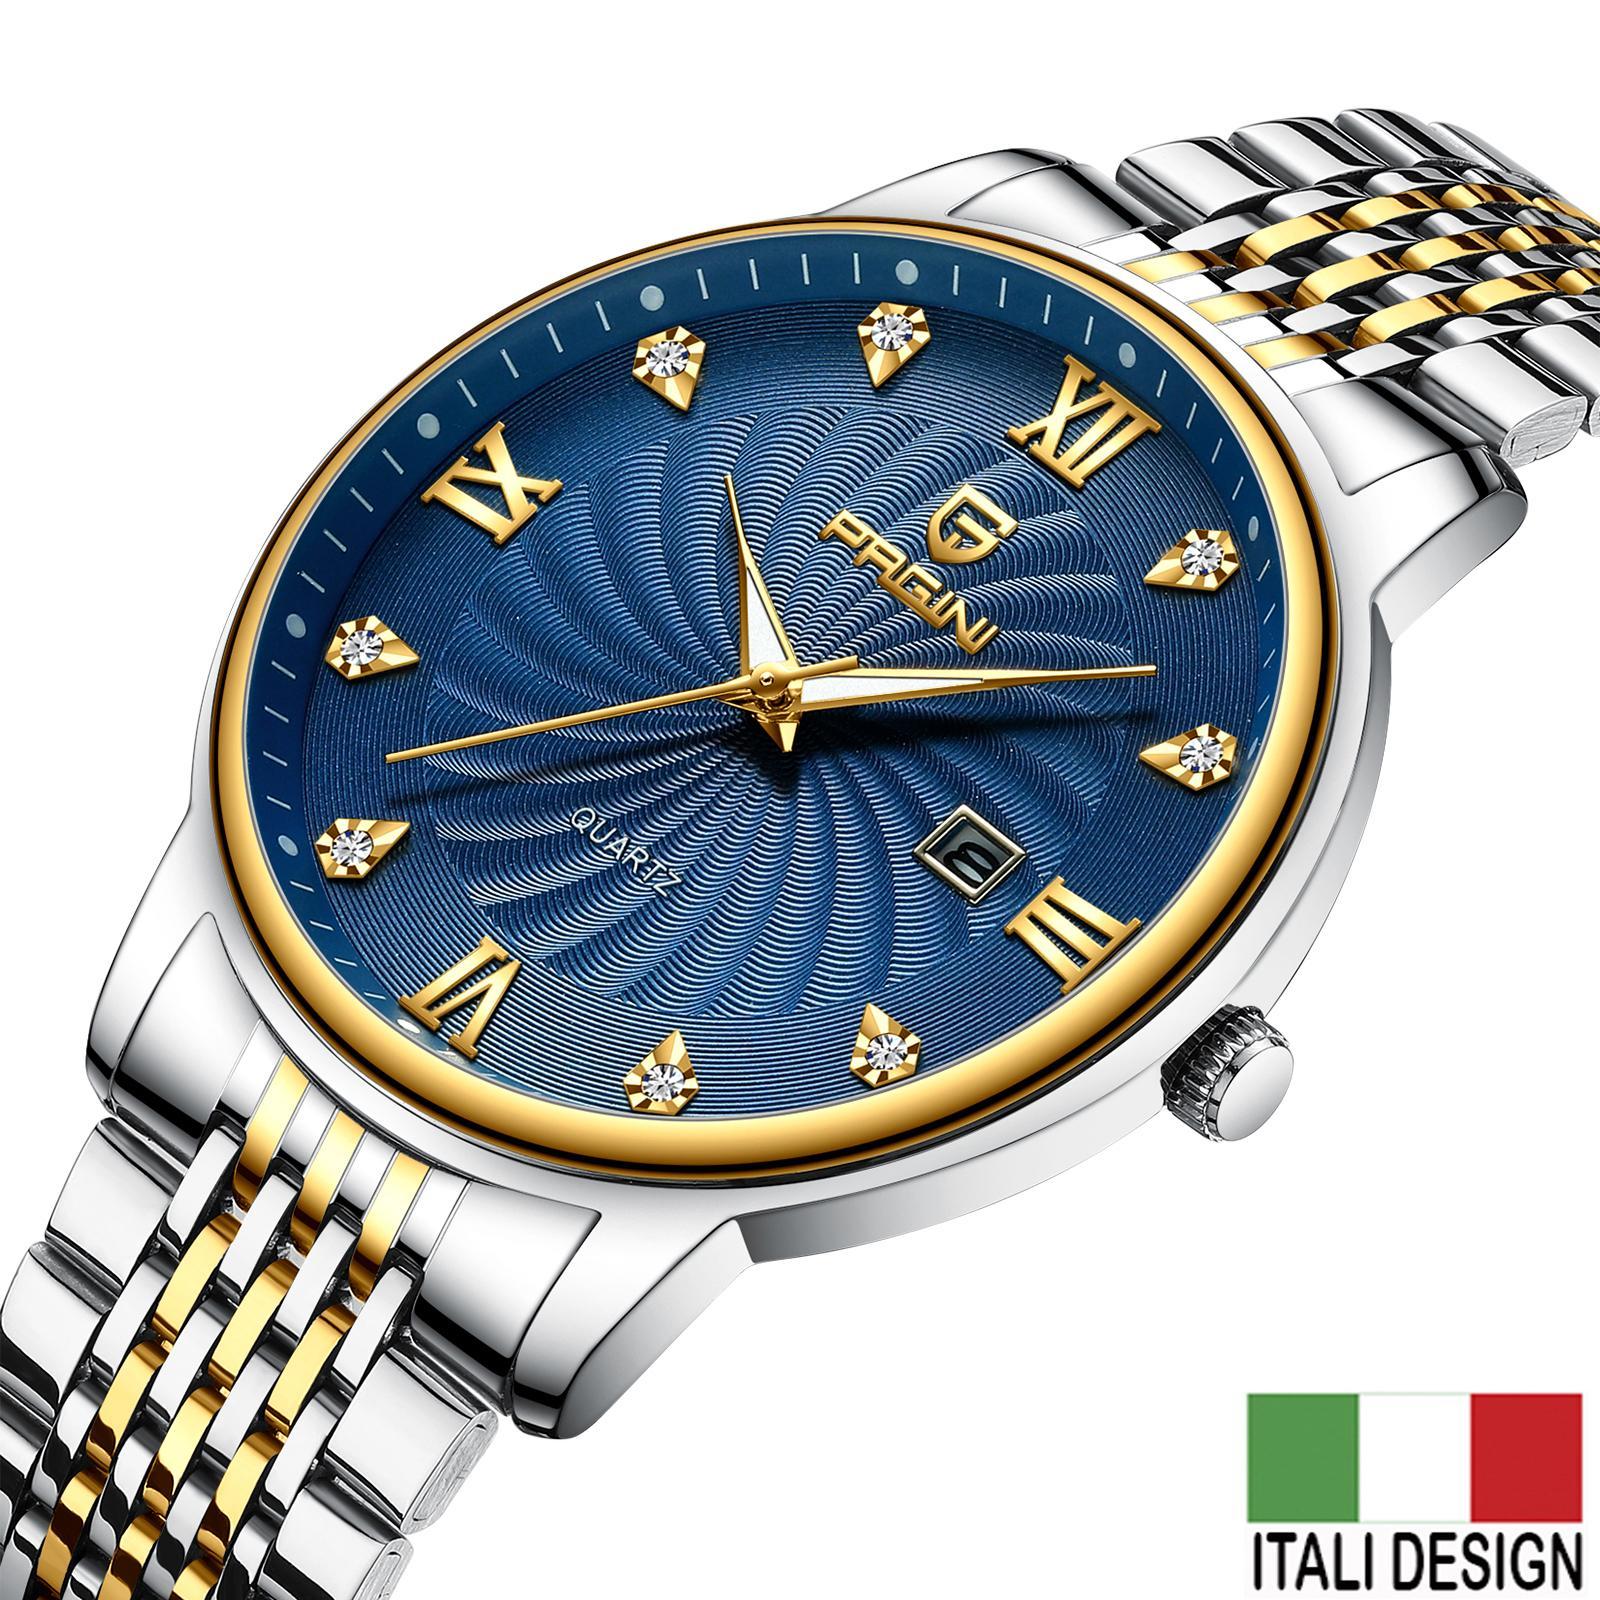 Nơi bán (Siêu Trợ Giá) Đồng Hồ Nam PAGINI ITALIA PA8222 Mặt Đính Kim Cương Nhân Tạo - Hiển Thị Lịch Ngày Cao Cấp